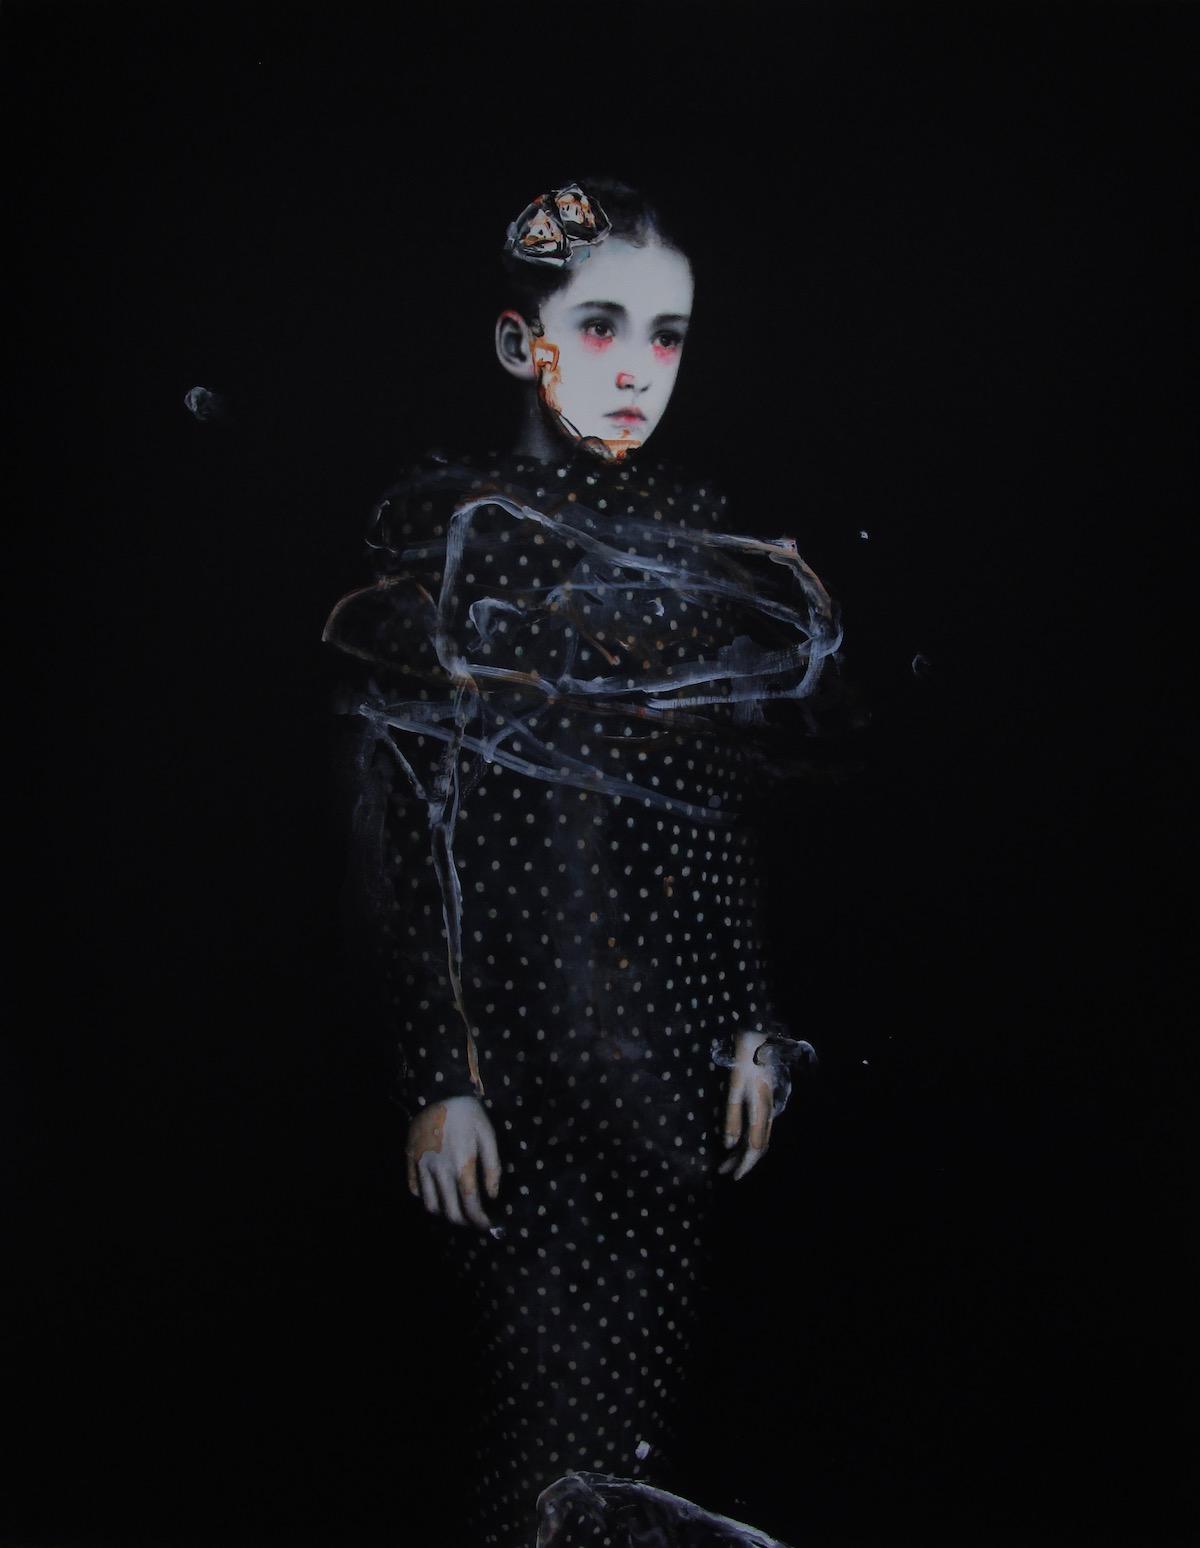 antoine cordet canvas toile peinture painting portrait art artist artiste peintre acrylic oil no acid